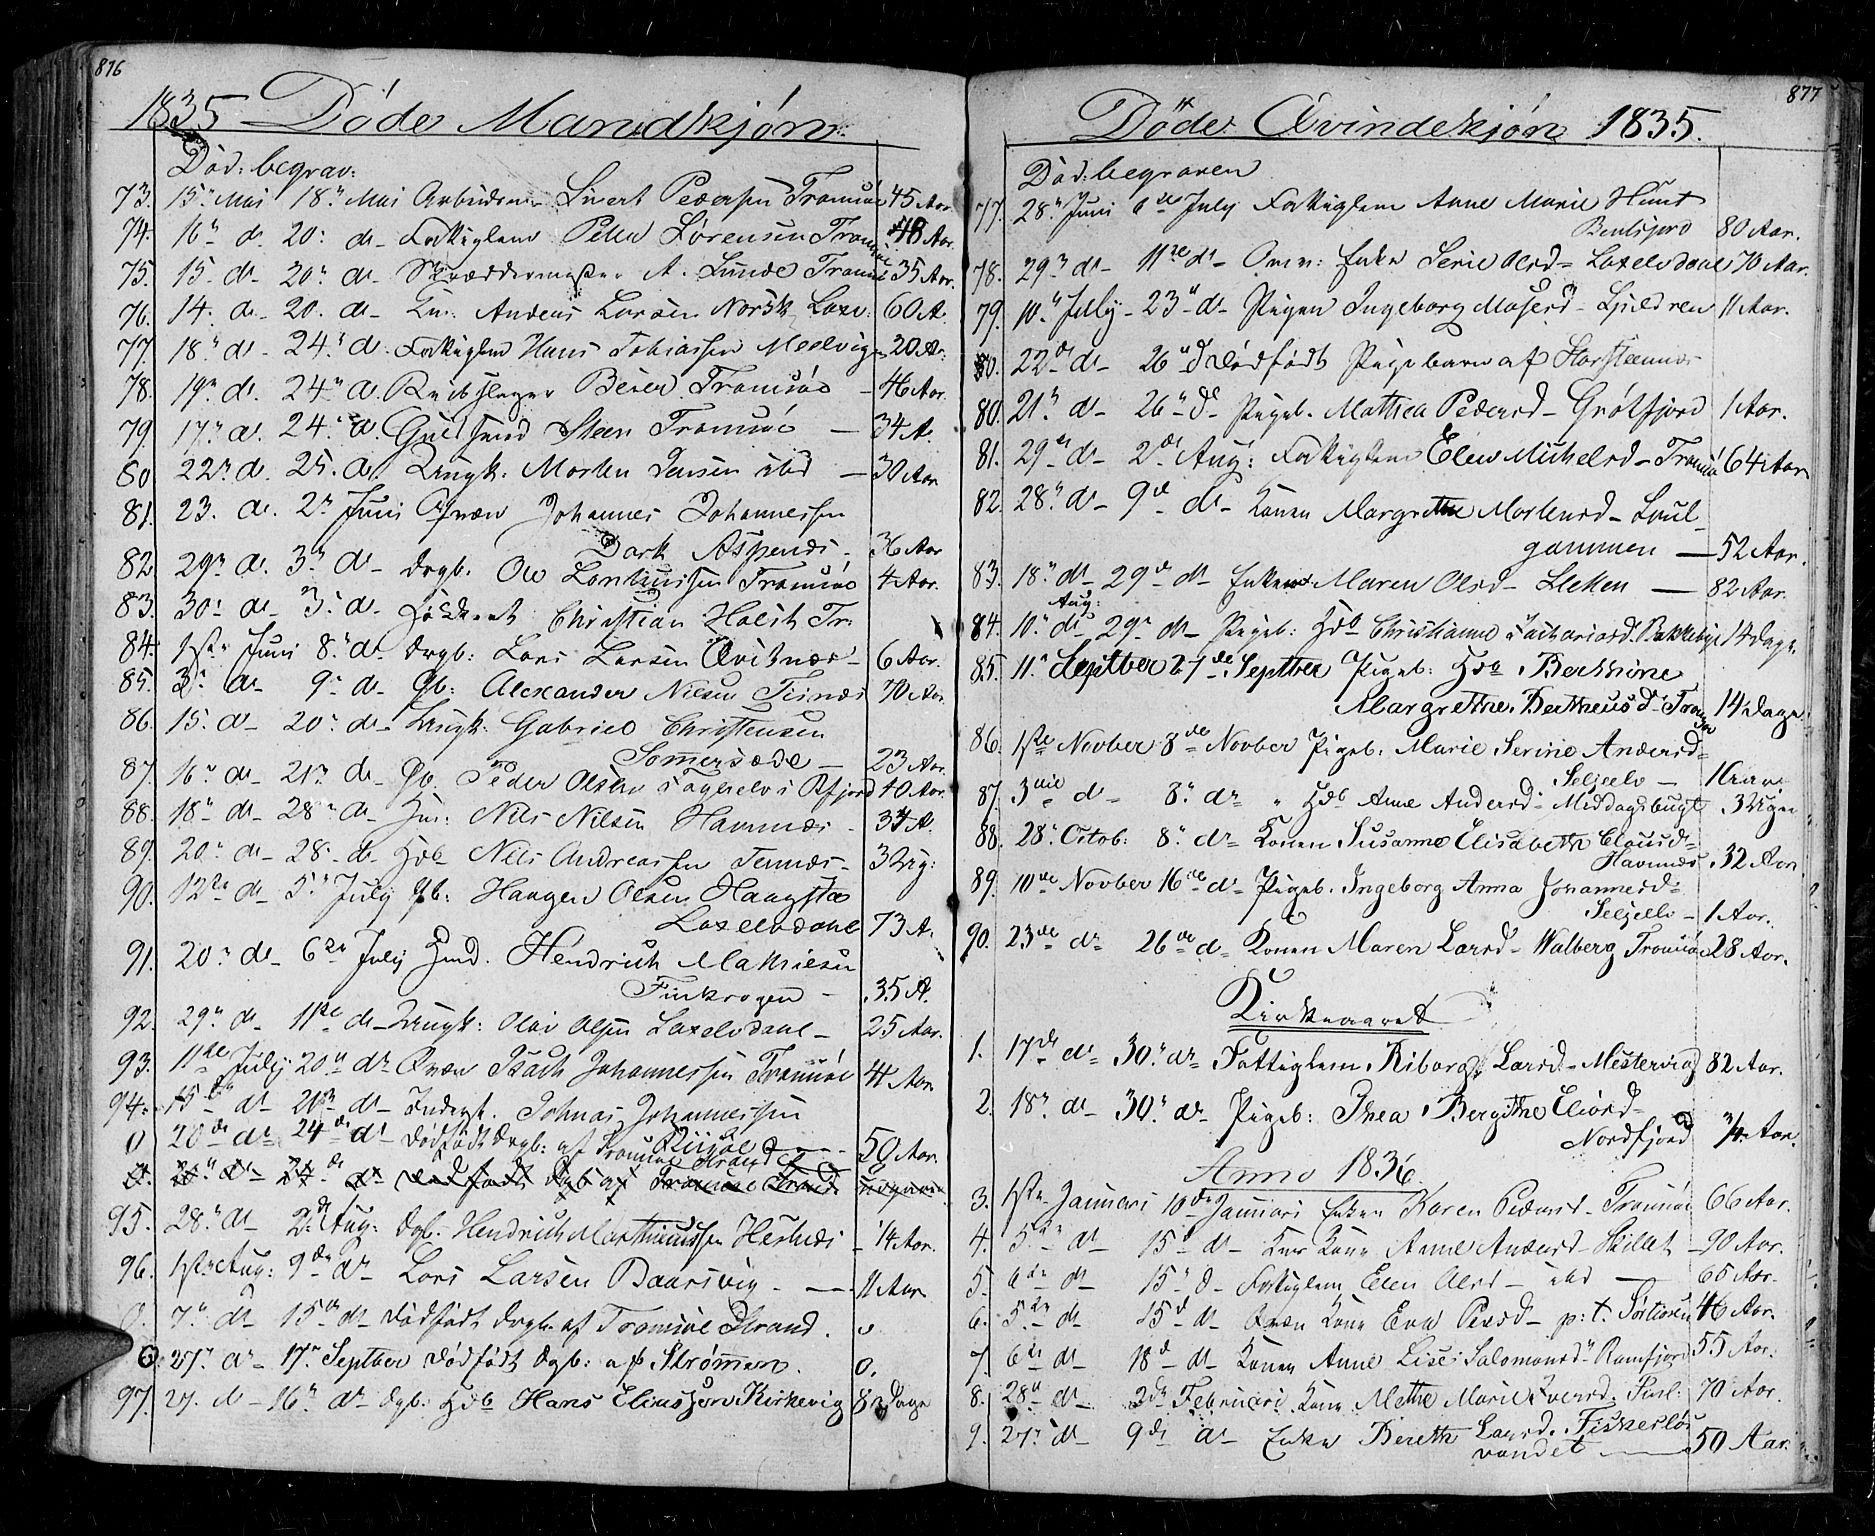 SATØ, Tromsø sokneprestkontor/stiftsprosti/domprosti, G/Ga/L0008kirke: Ministerialbok nr. 8, 1829-1837, s. 876-877